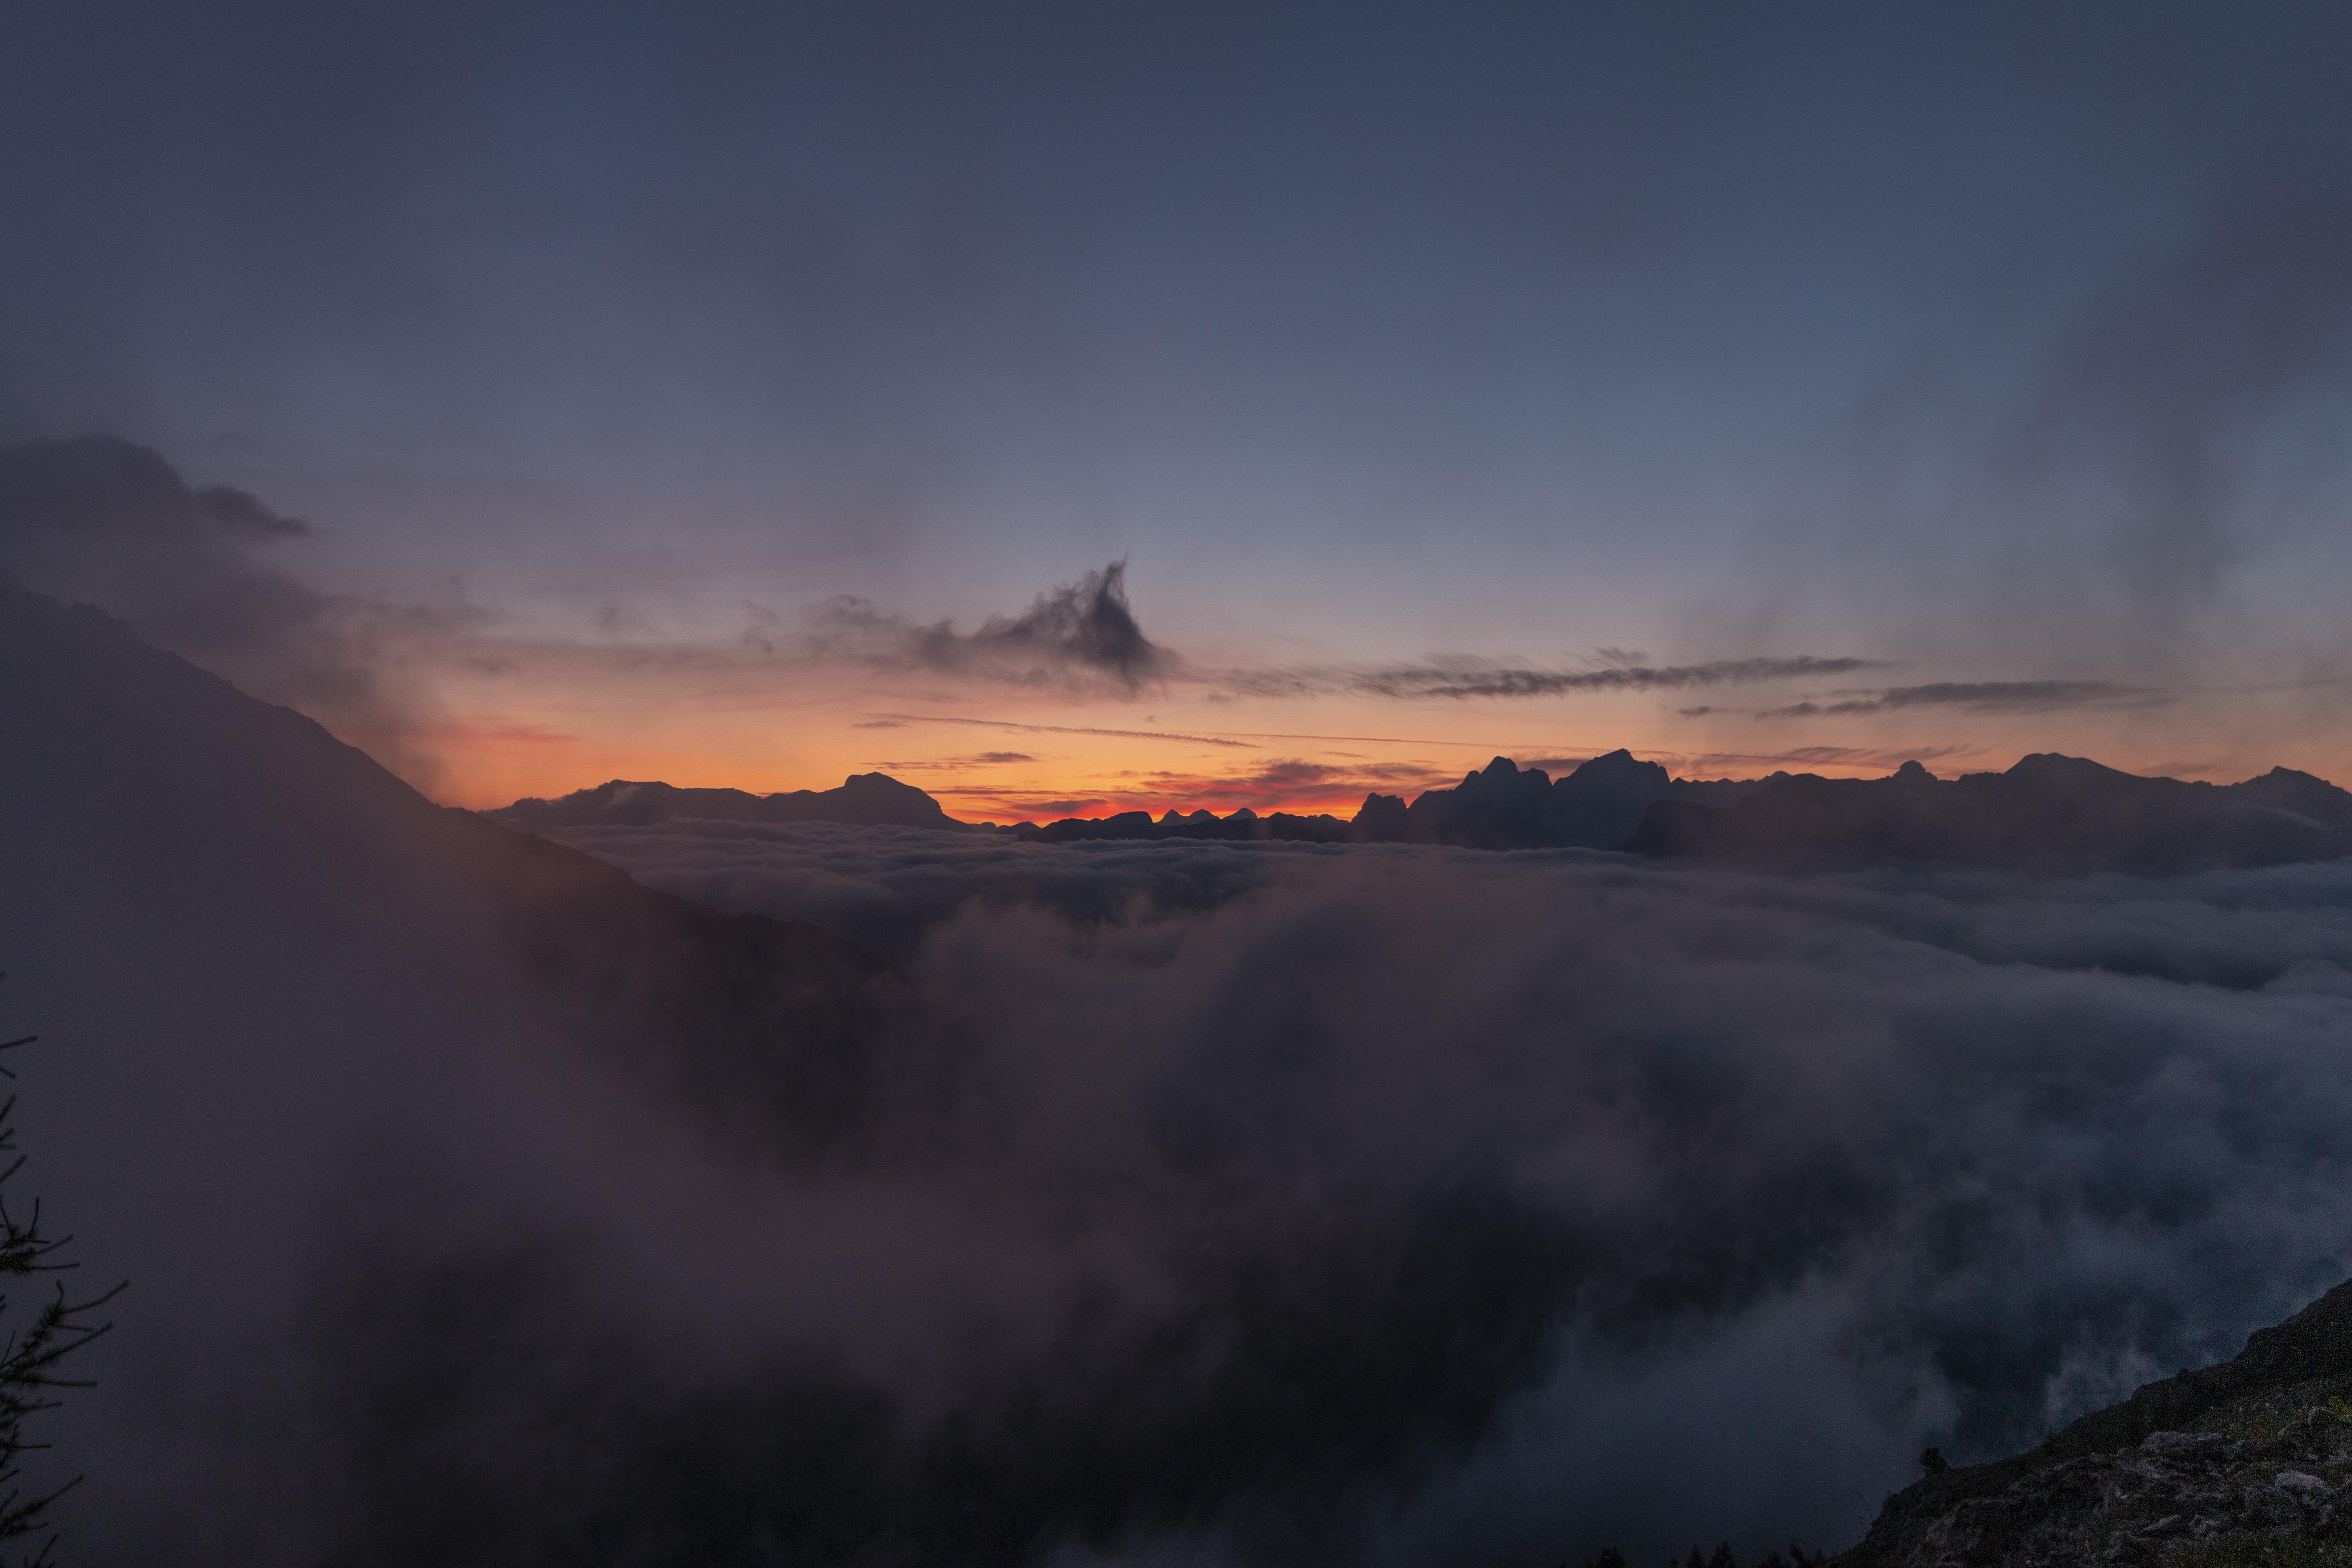 Magie des Morgens I 06:10 Uhr I Sunnenaufgang Poppekanzel 2314 m. Karerpass mit Blick auf SelIagruppe, Tofane, Marmolada, 10° I windig und neblig